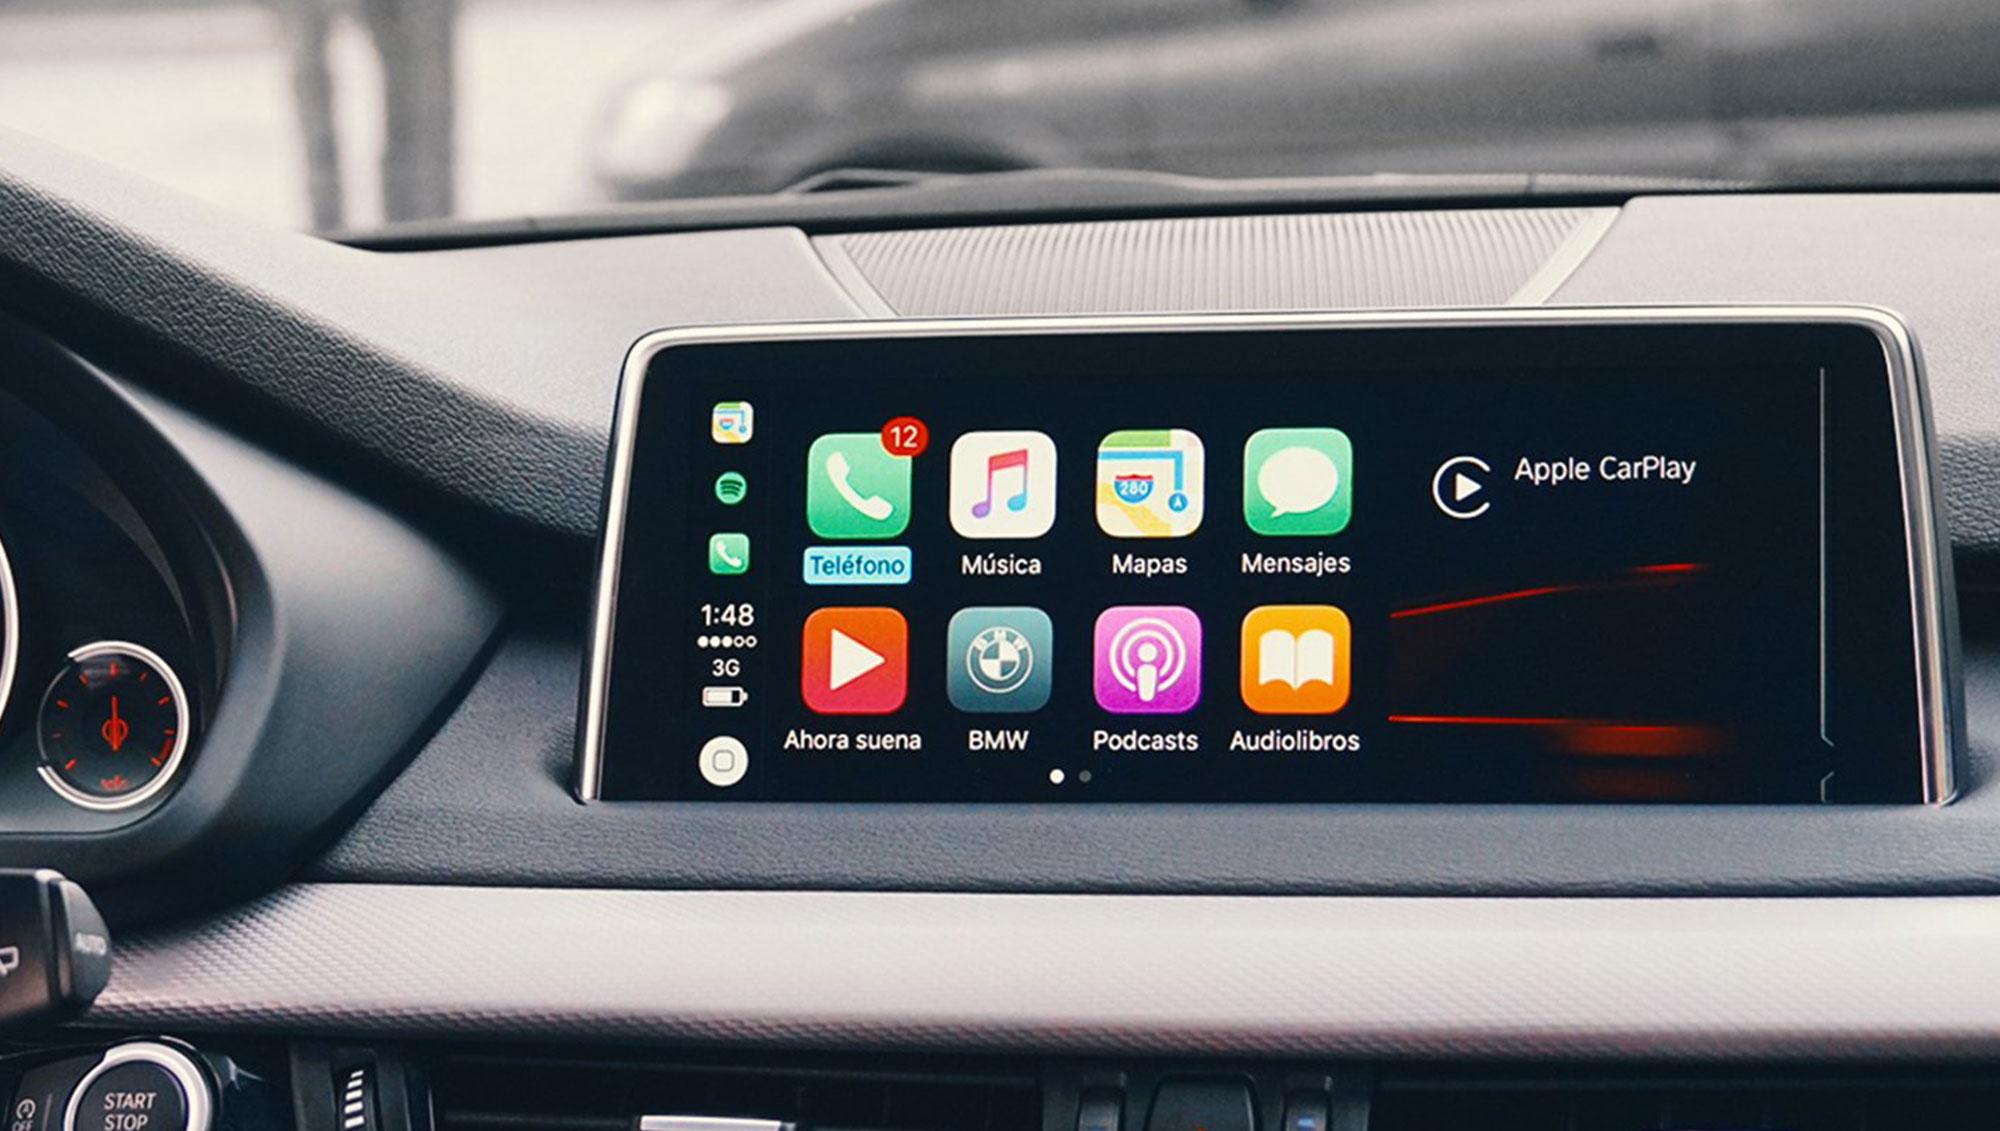 因订阅服务宕机,宝马车主无法正常使用 CarPlay